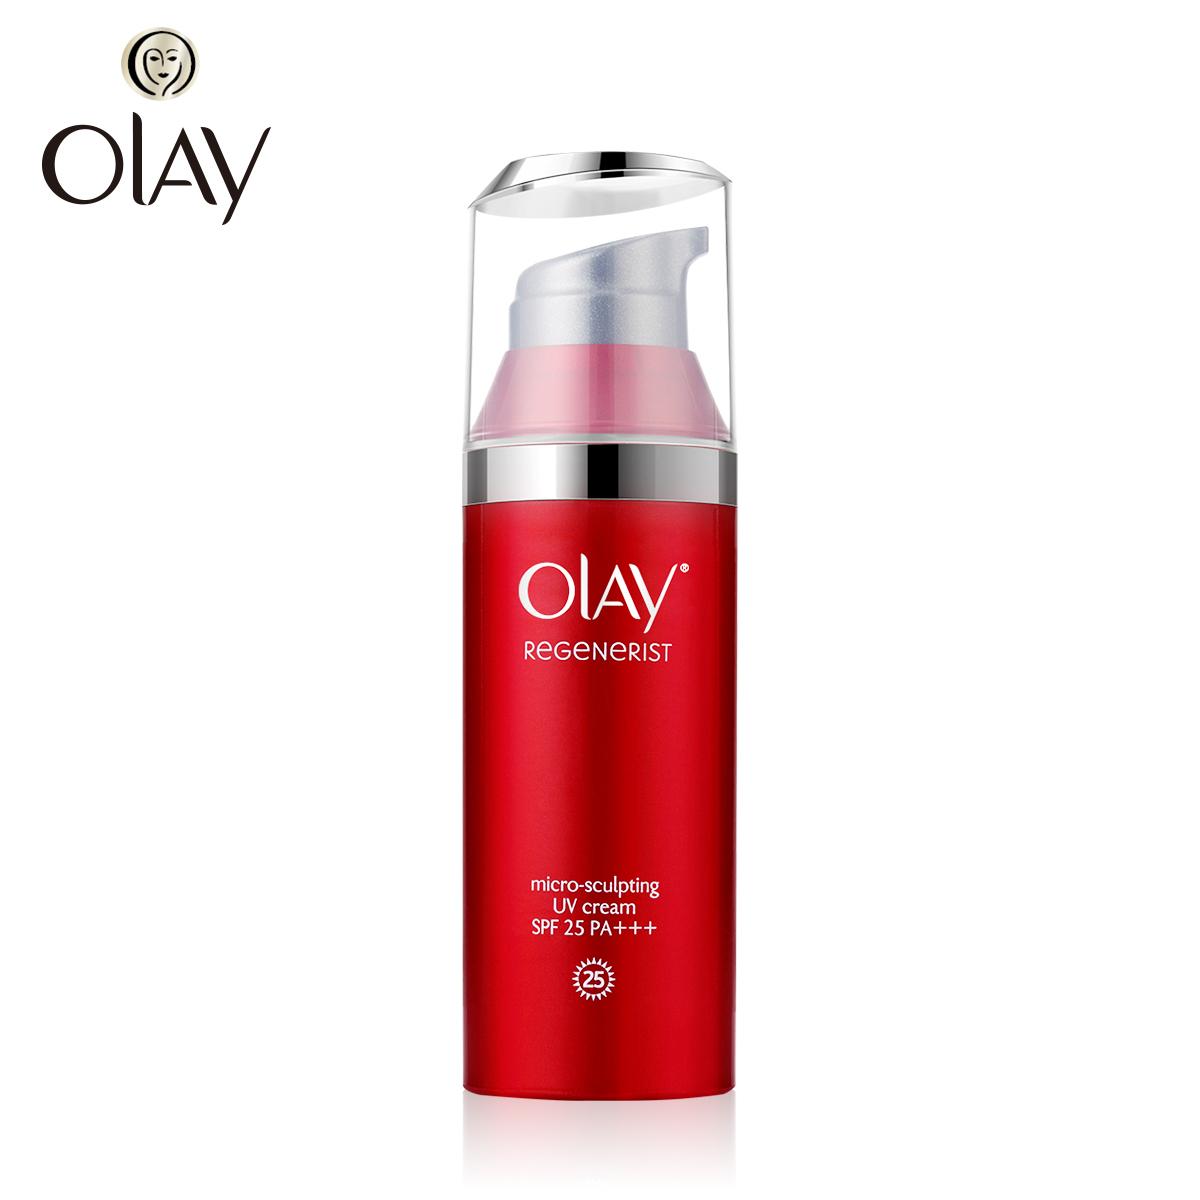 Olay 玉蘭油 新生塑顏金純日禦光修護乳霜 SPF25 PA